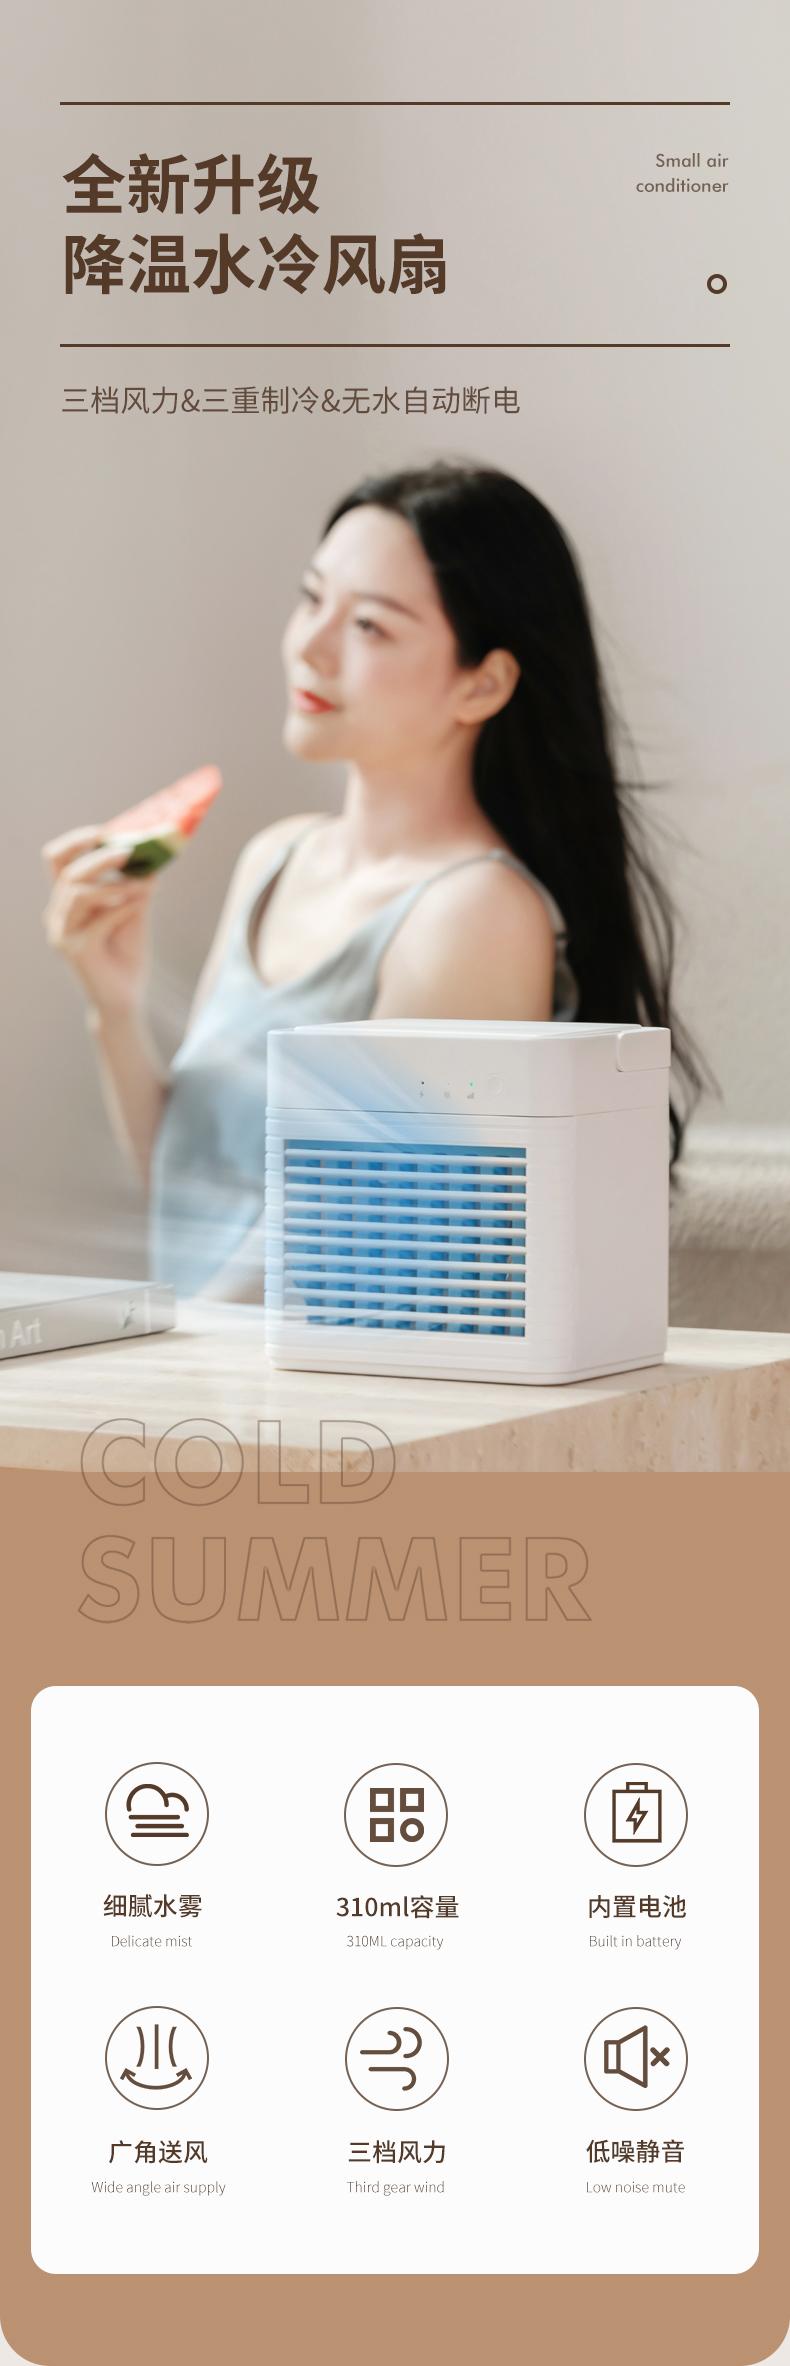 冷气机多少钱一台